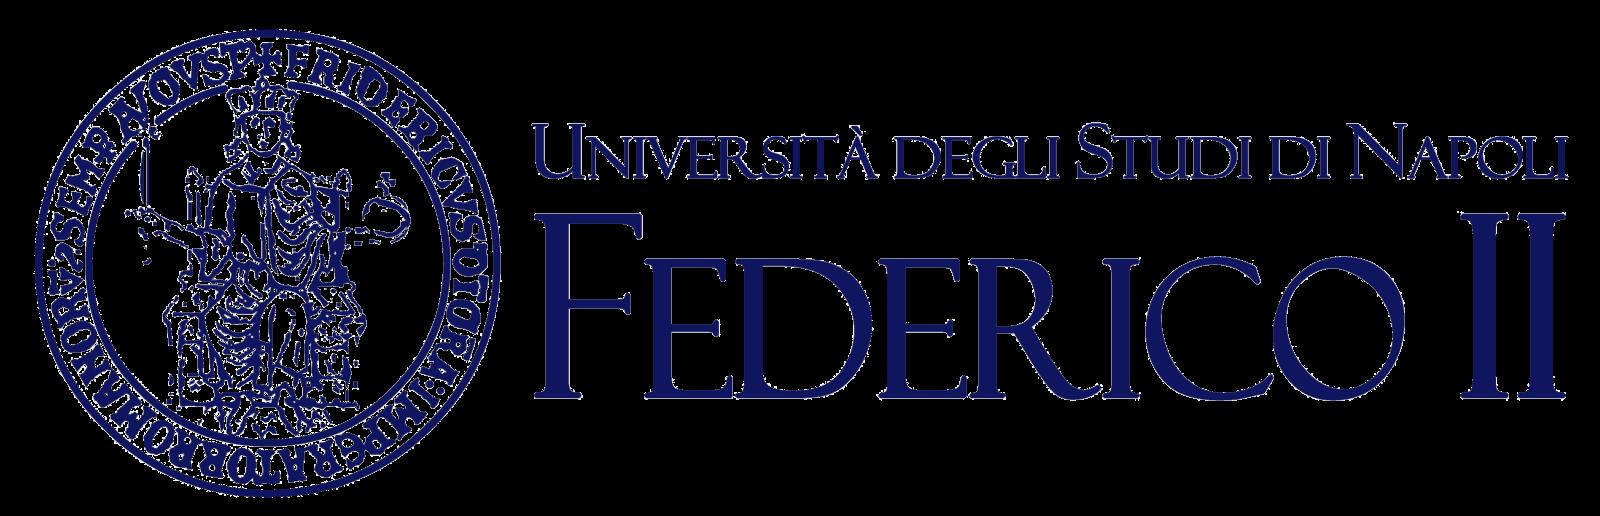 Universita Degli Studi Di Napoli Federico II. (UNINA)